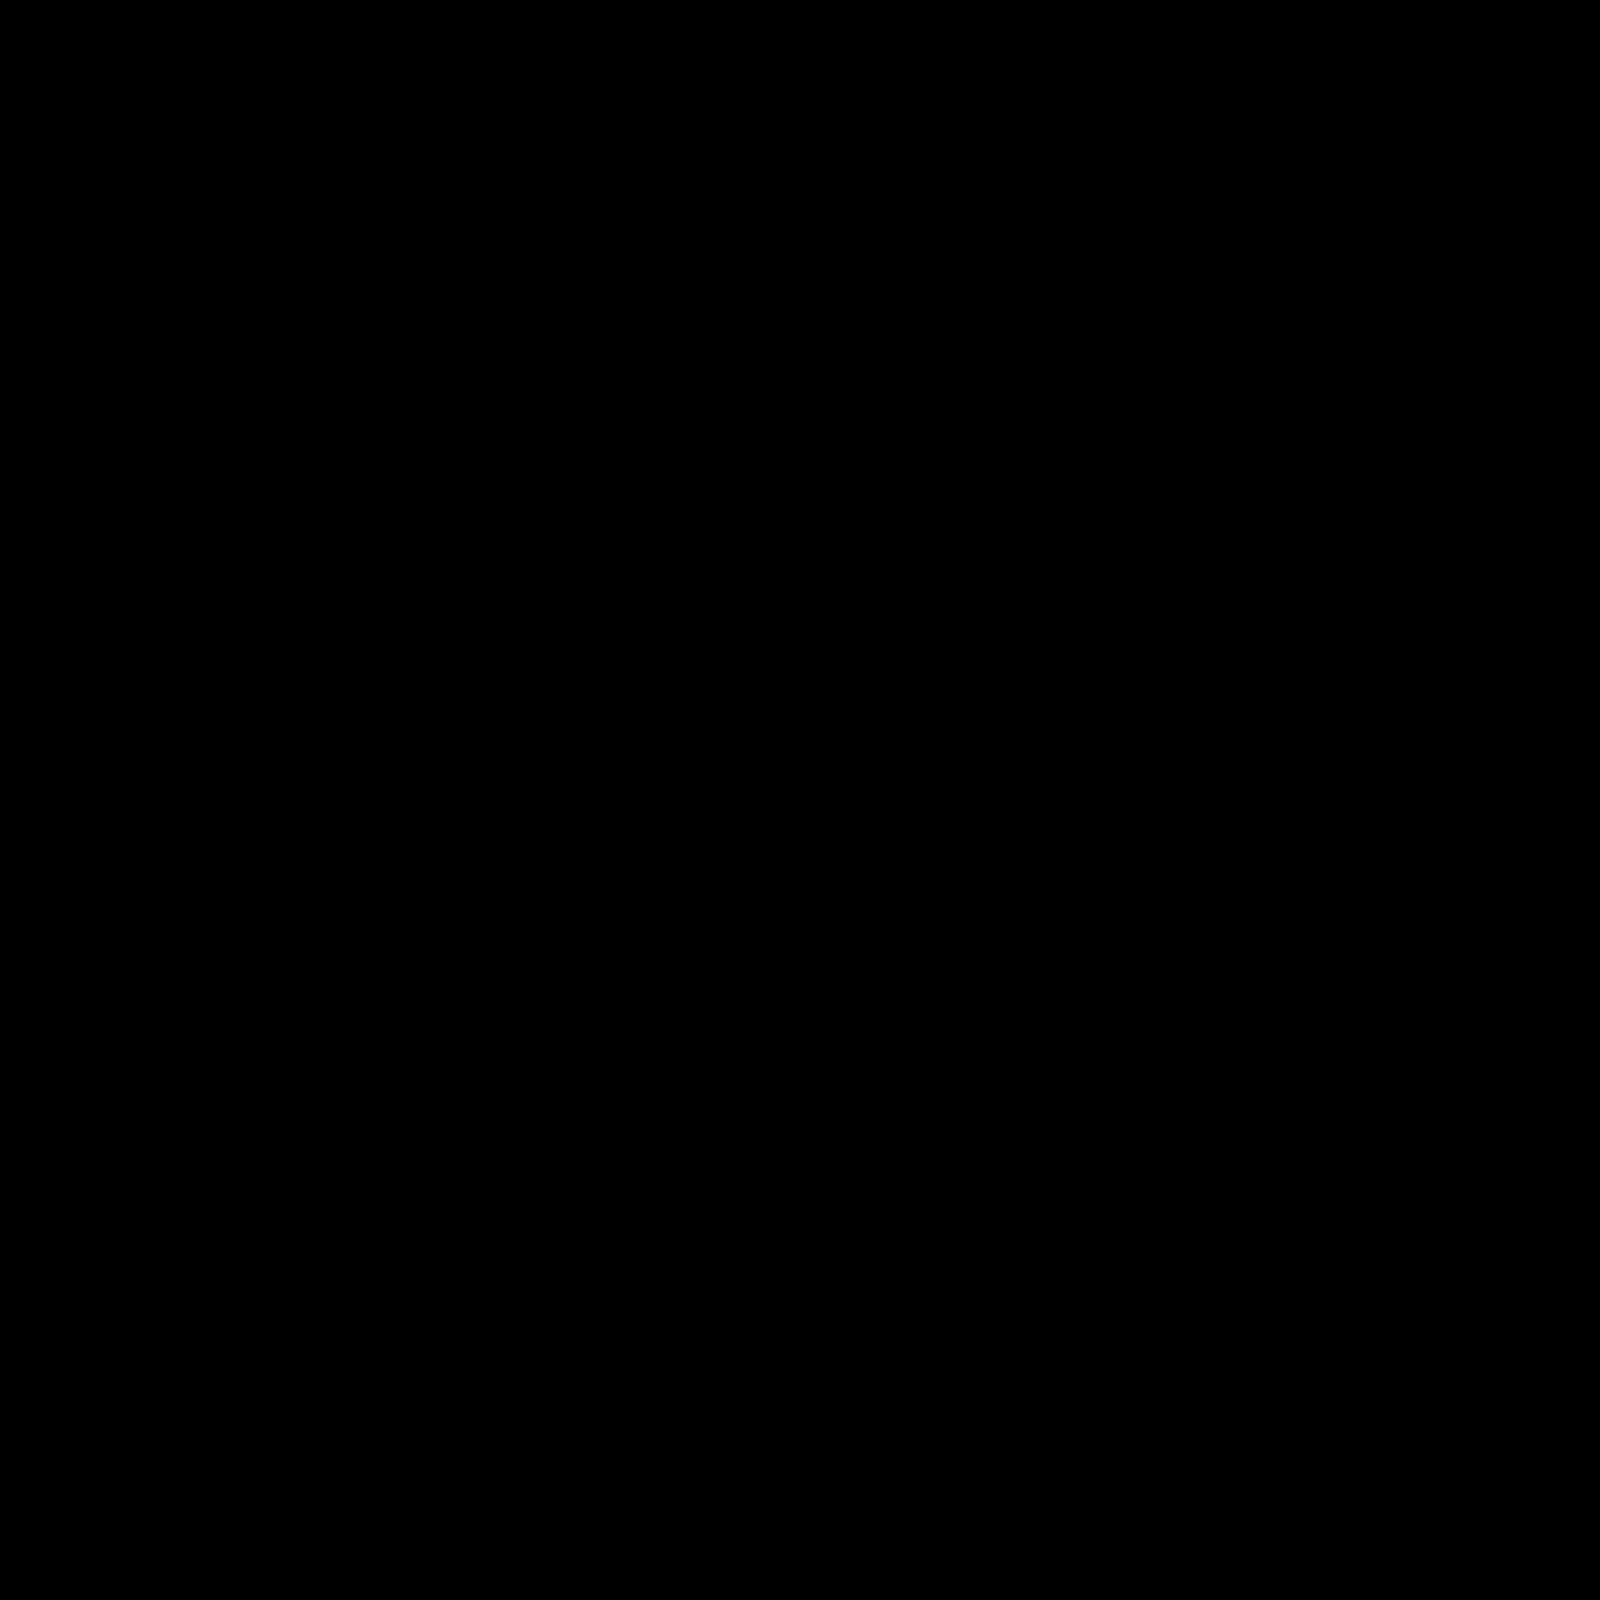 Słońce icon